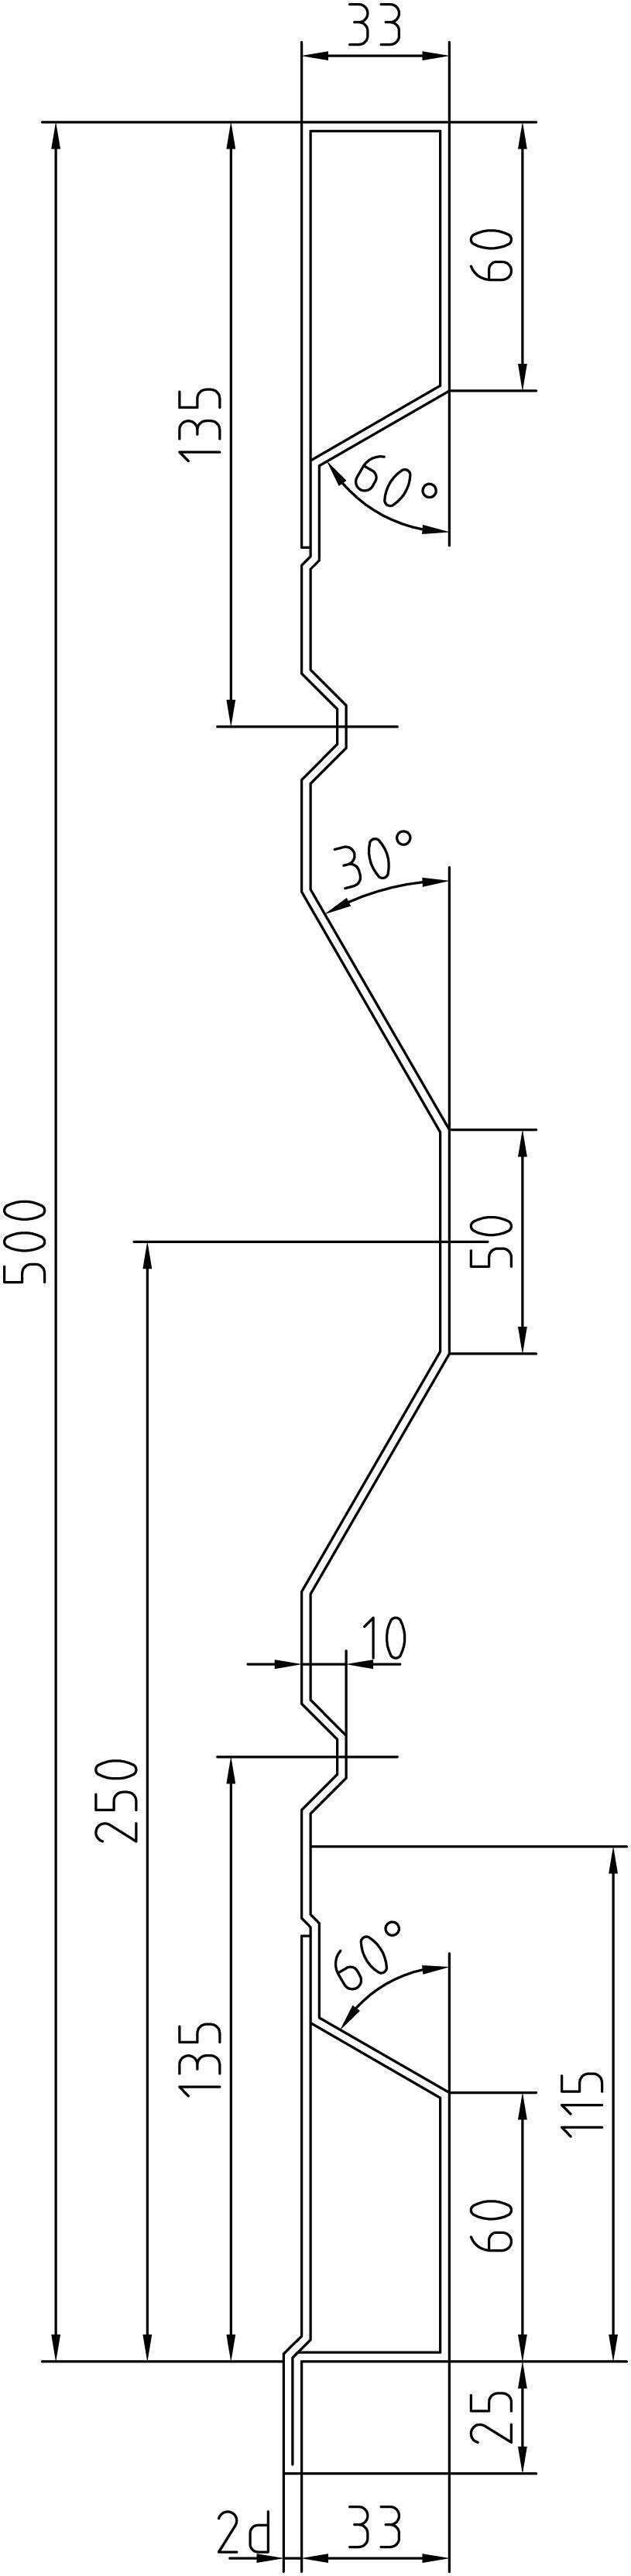 Brantner Kipper und Anhänger - AKmE HVAK 500x2 1808 Winkel 40/20/5